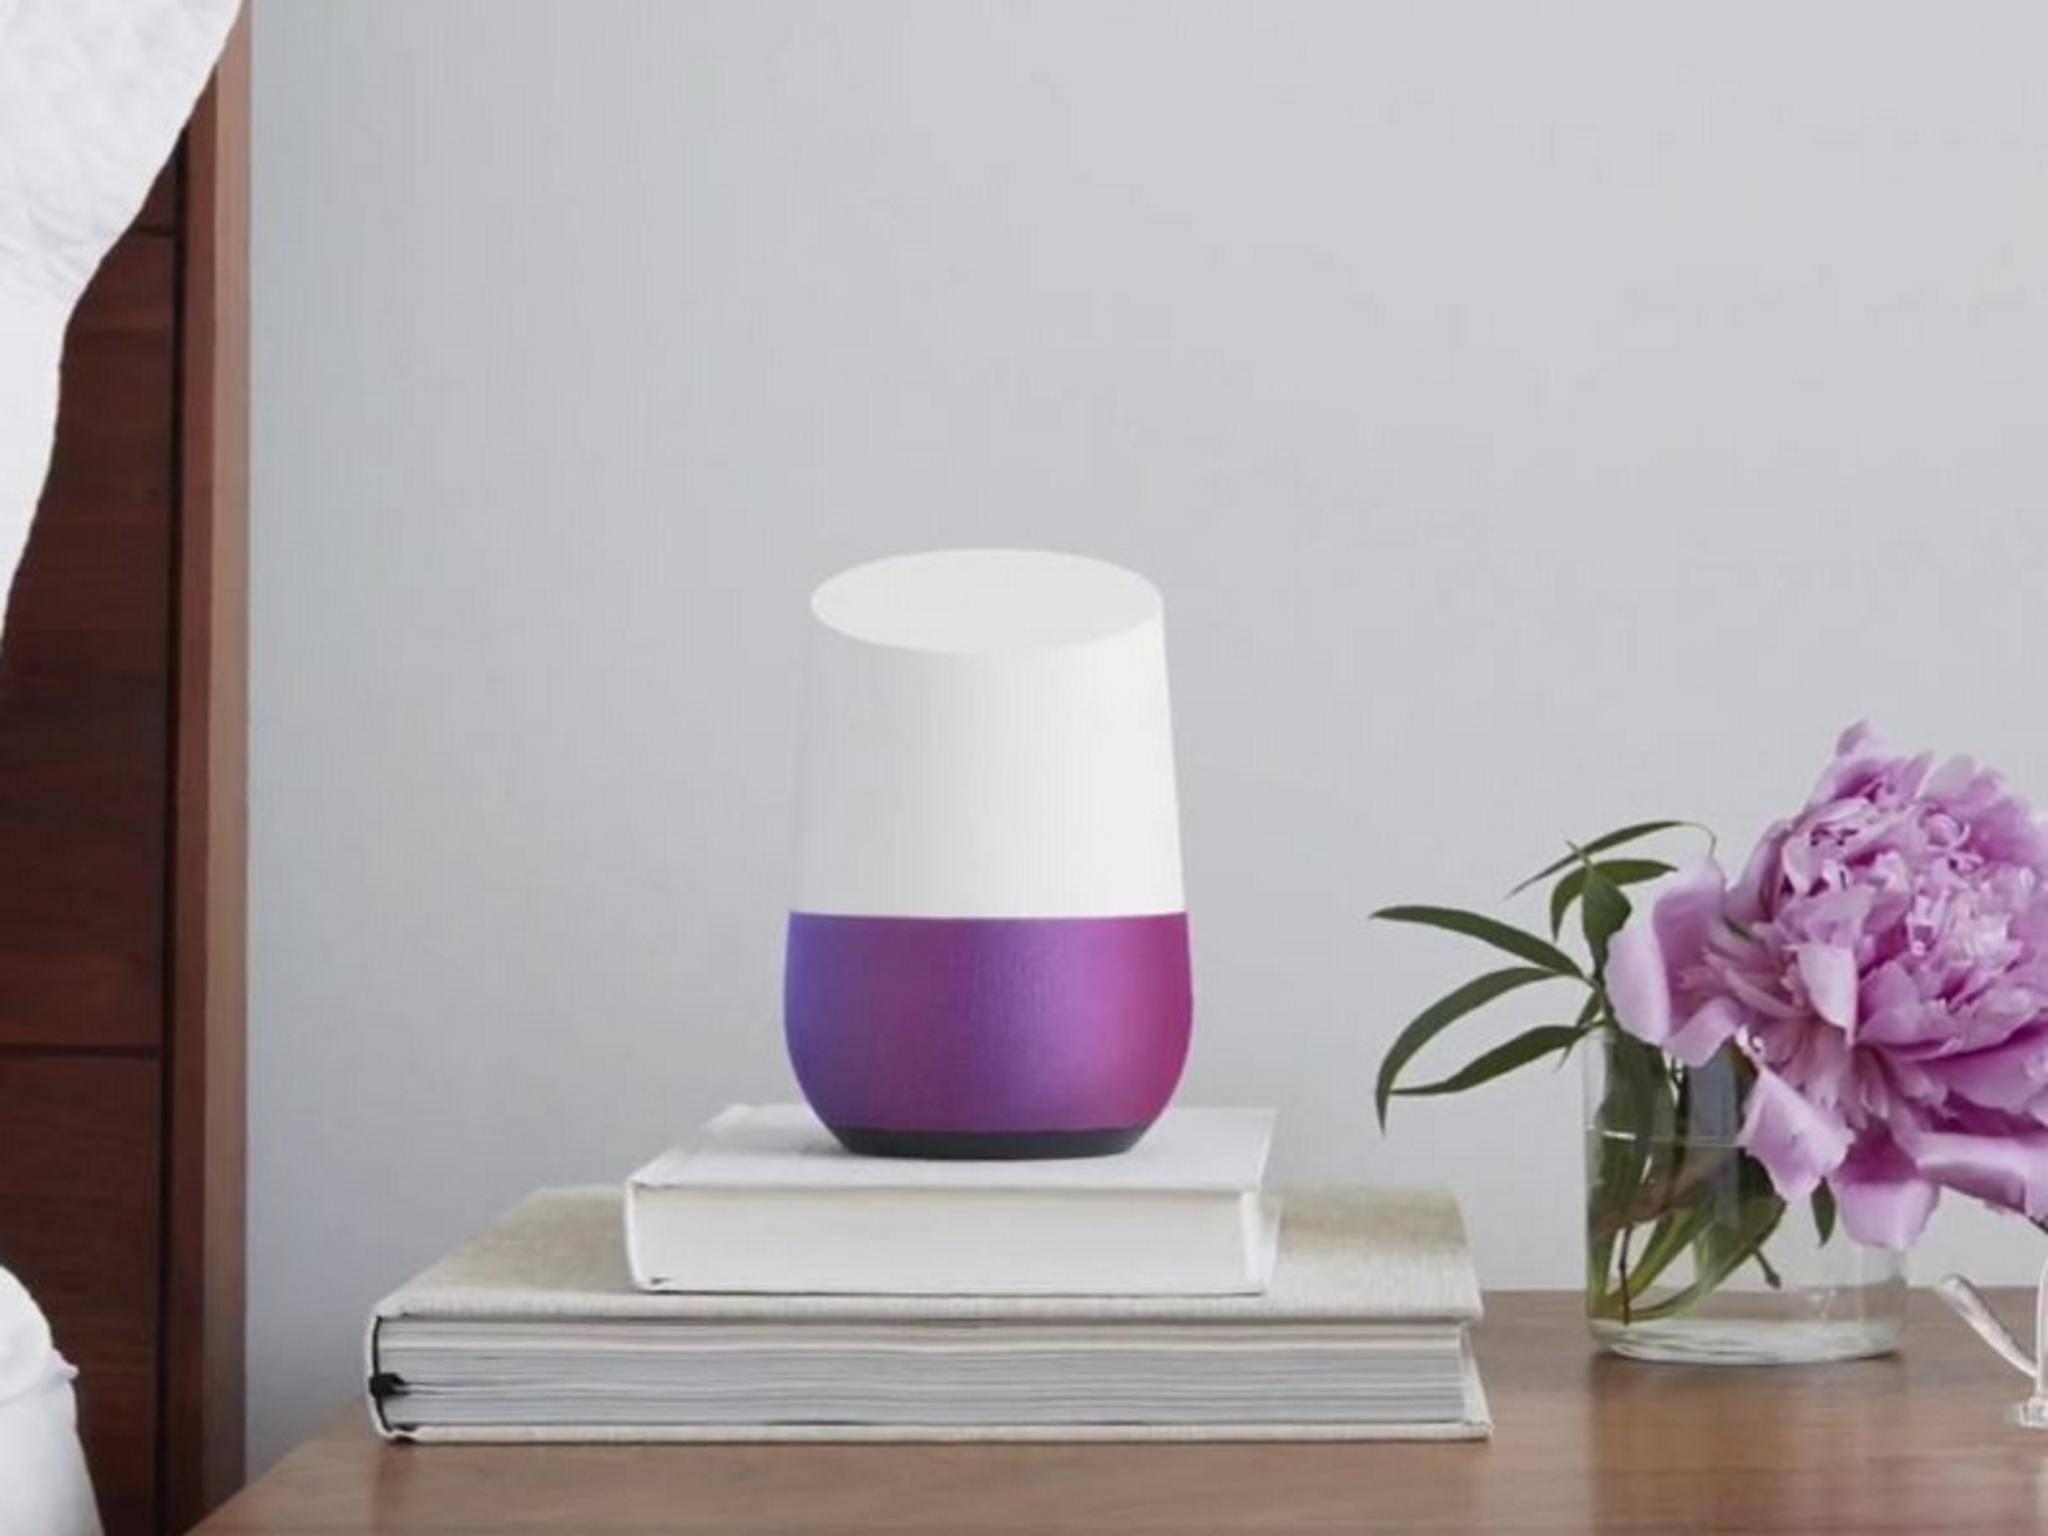 Google Home soll die Wohnzimmer erobern.